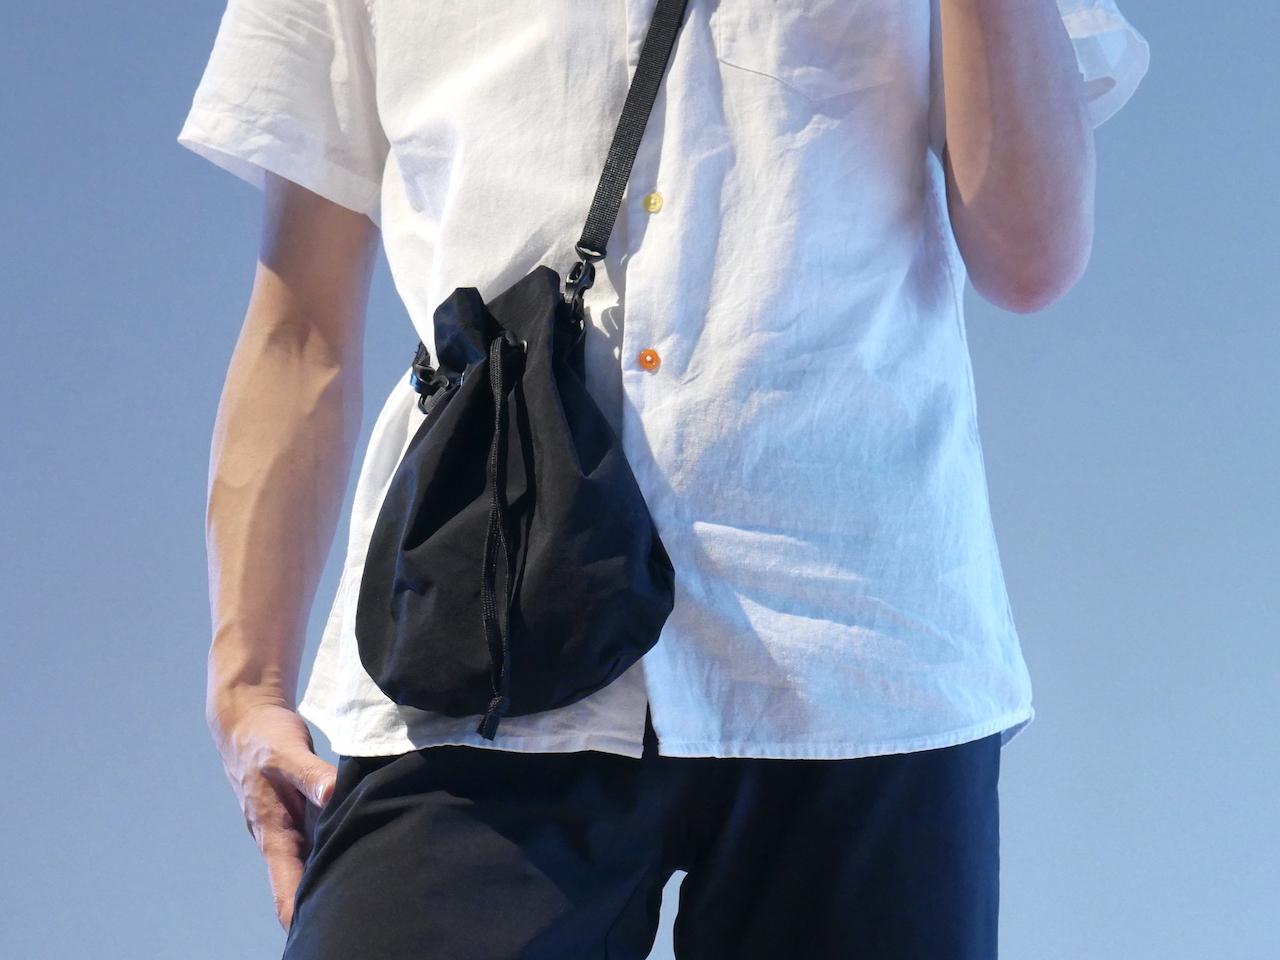 見た目と便利さの両立 MUJI Labo のジェンダレスなリップルナイロン巾着サコッシュ|無印良品系男子